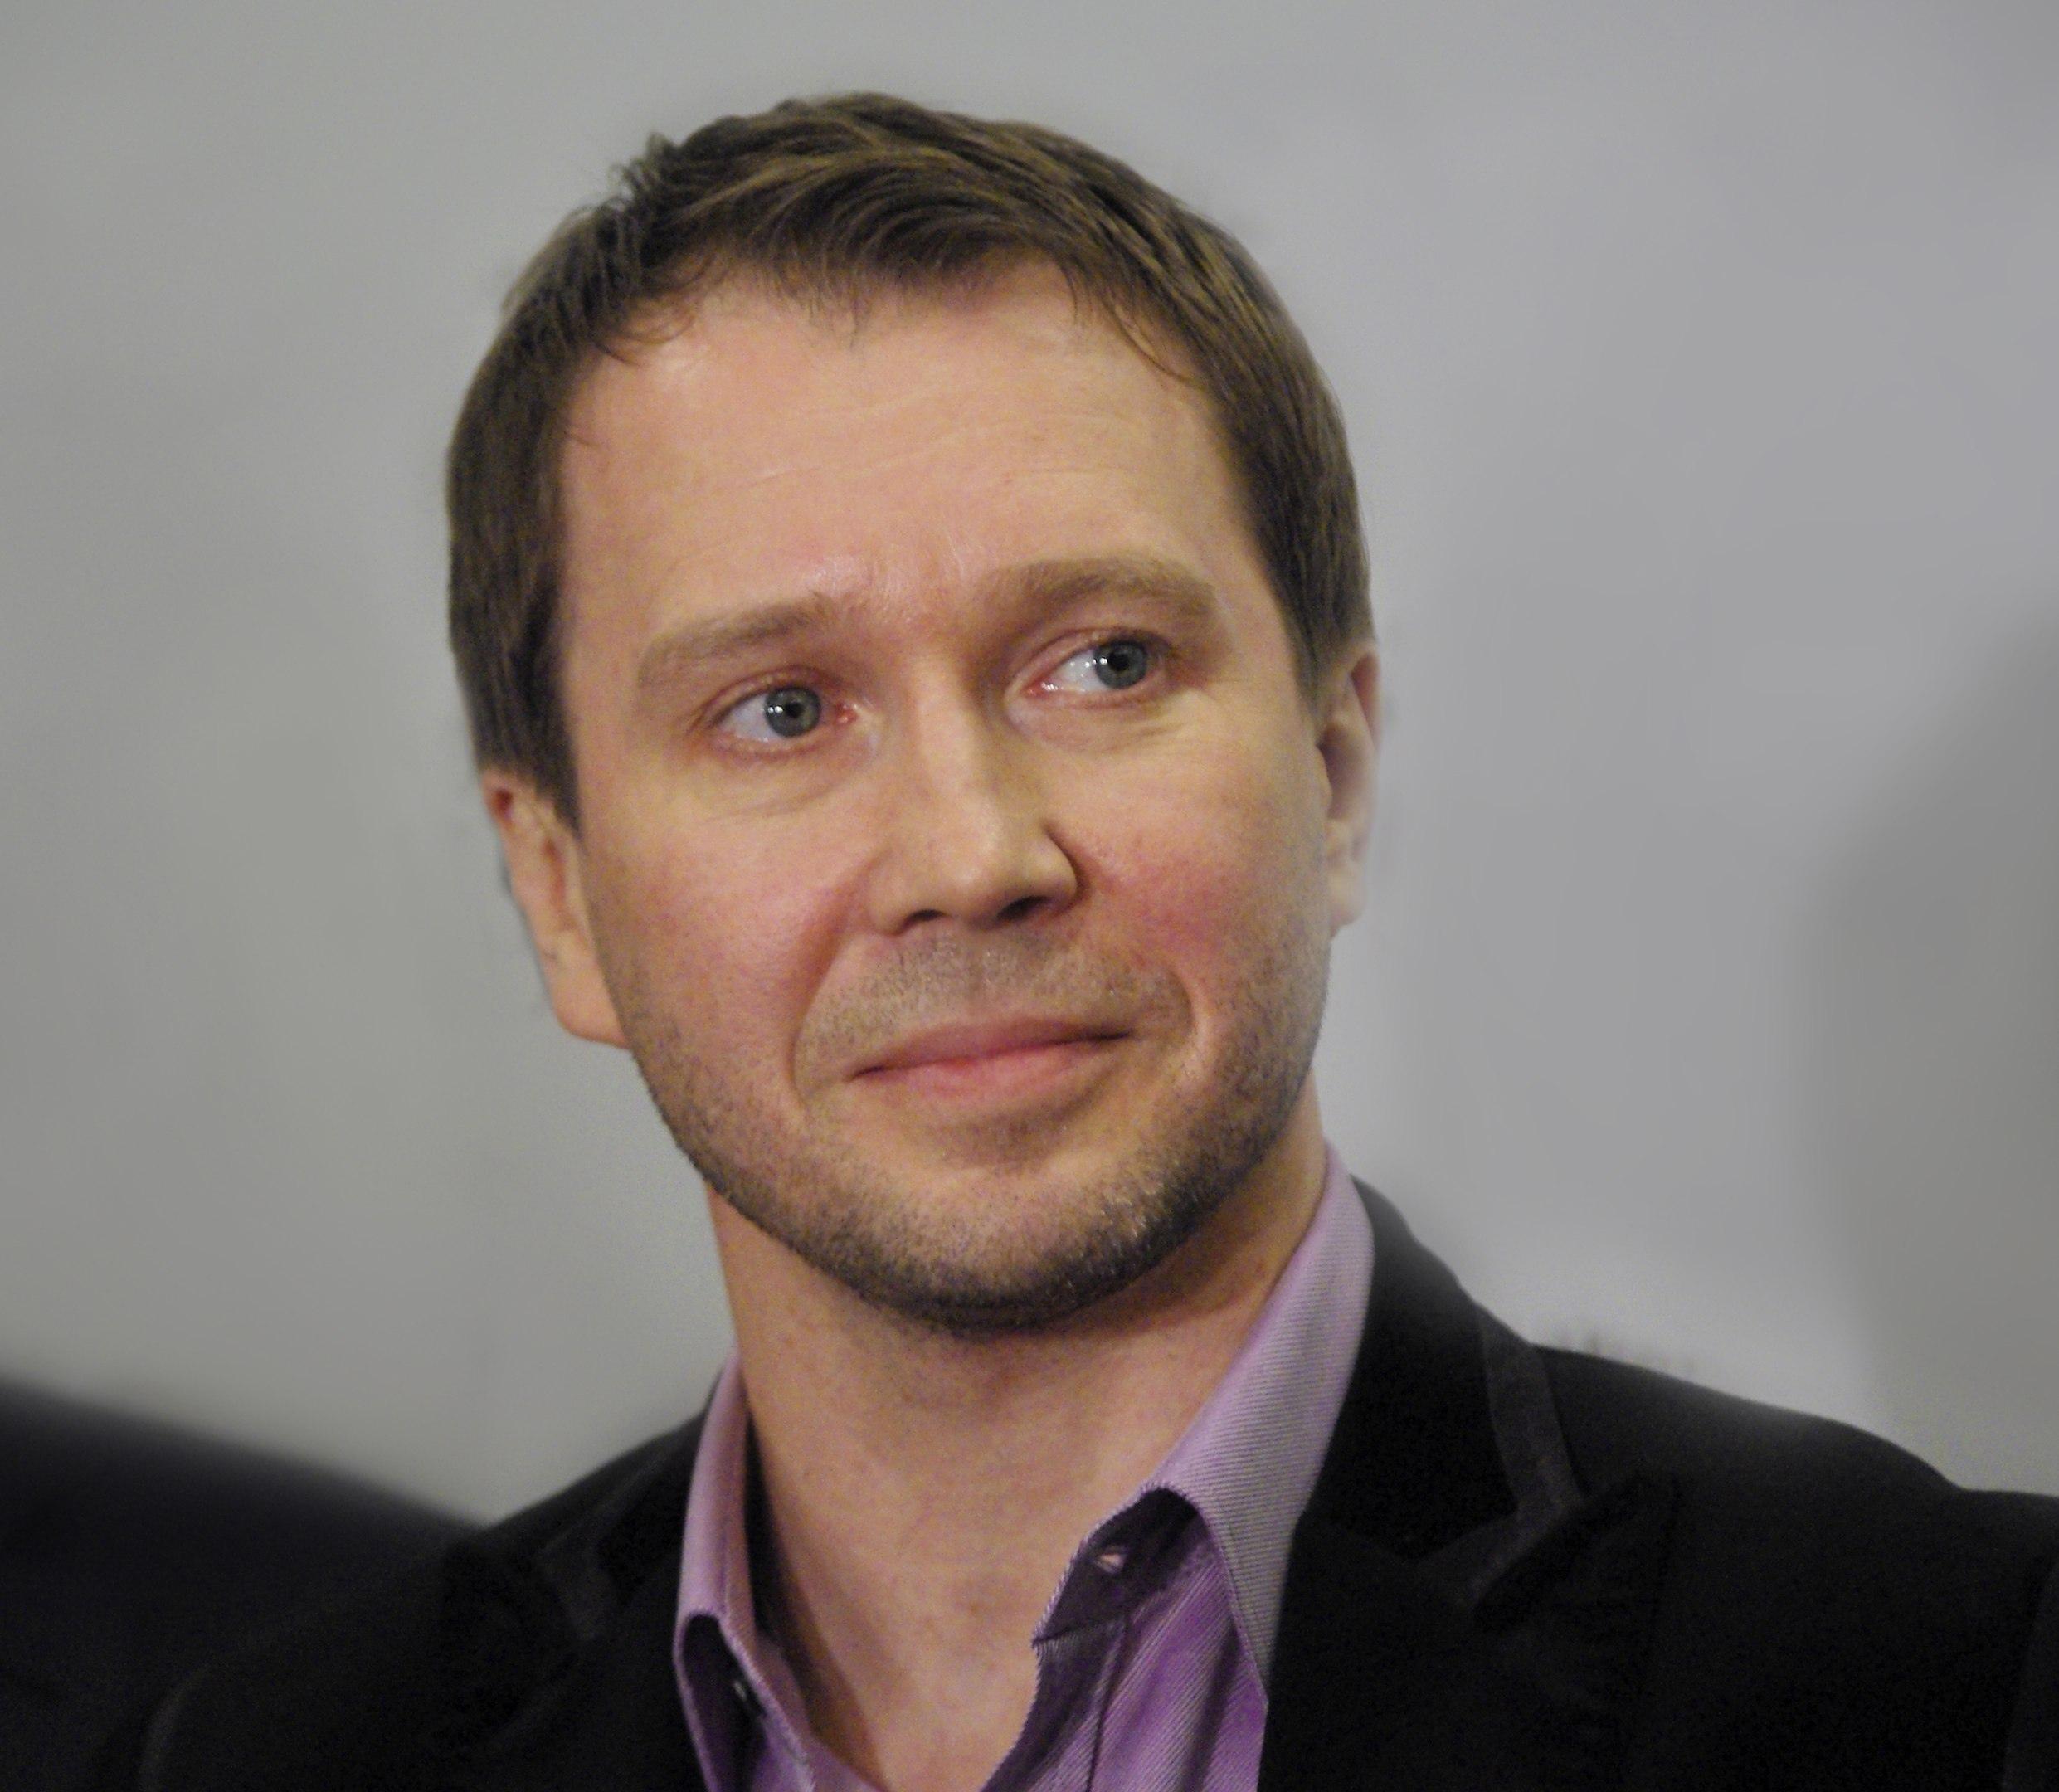 Сегодня свой 50-летний юбилей отмечает Миронов Евгений Витальевич.